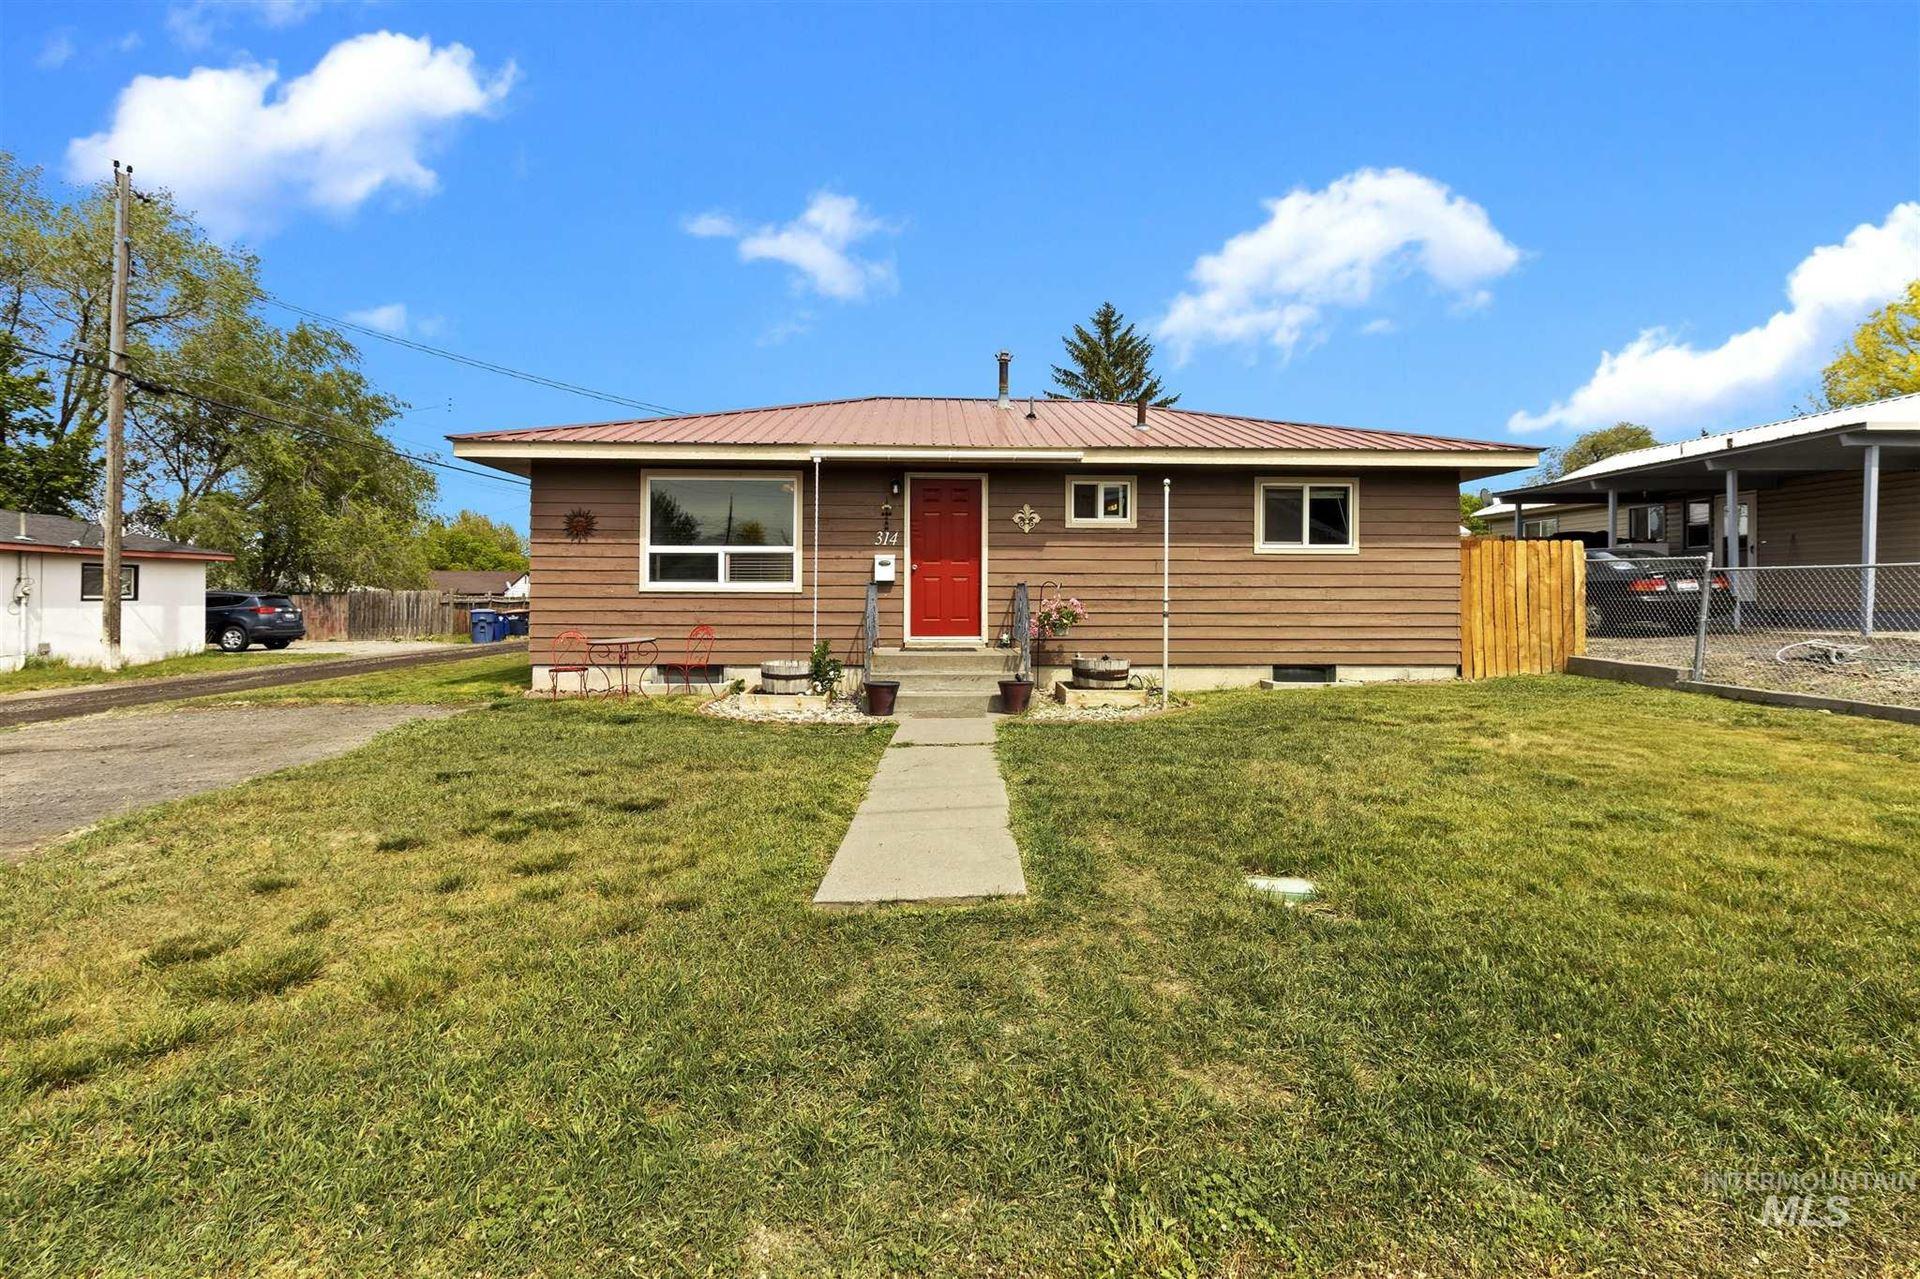 Photo of 314 Ostrander St N, Twin Falls, ID 83301 (MLS # 98767590)